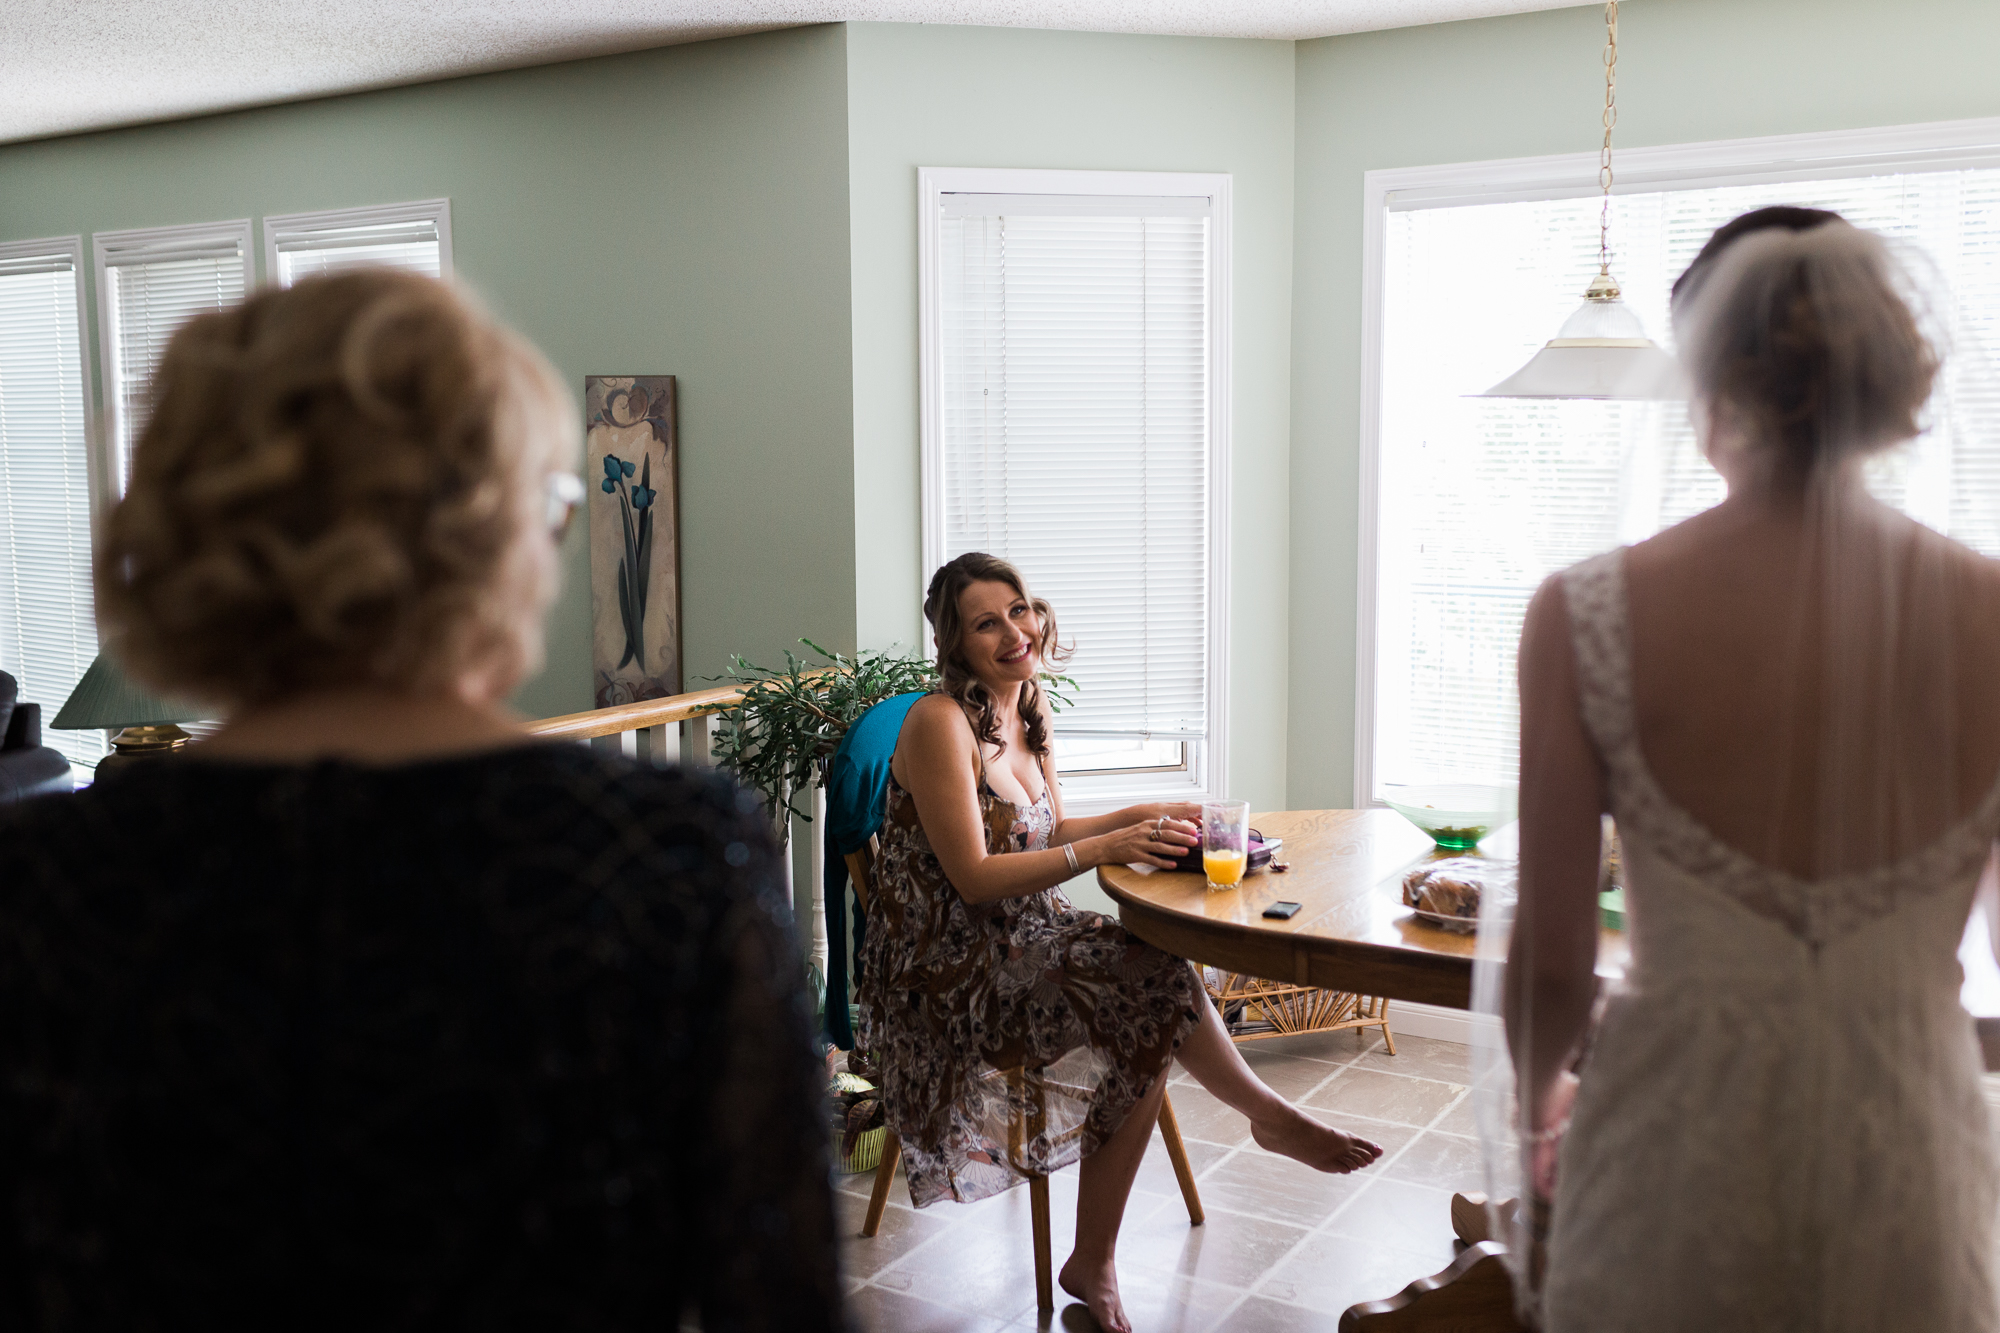 Deanna-Rachel-Photography-calgary-Wedding-photographer-jm-18.jpg